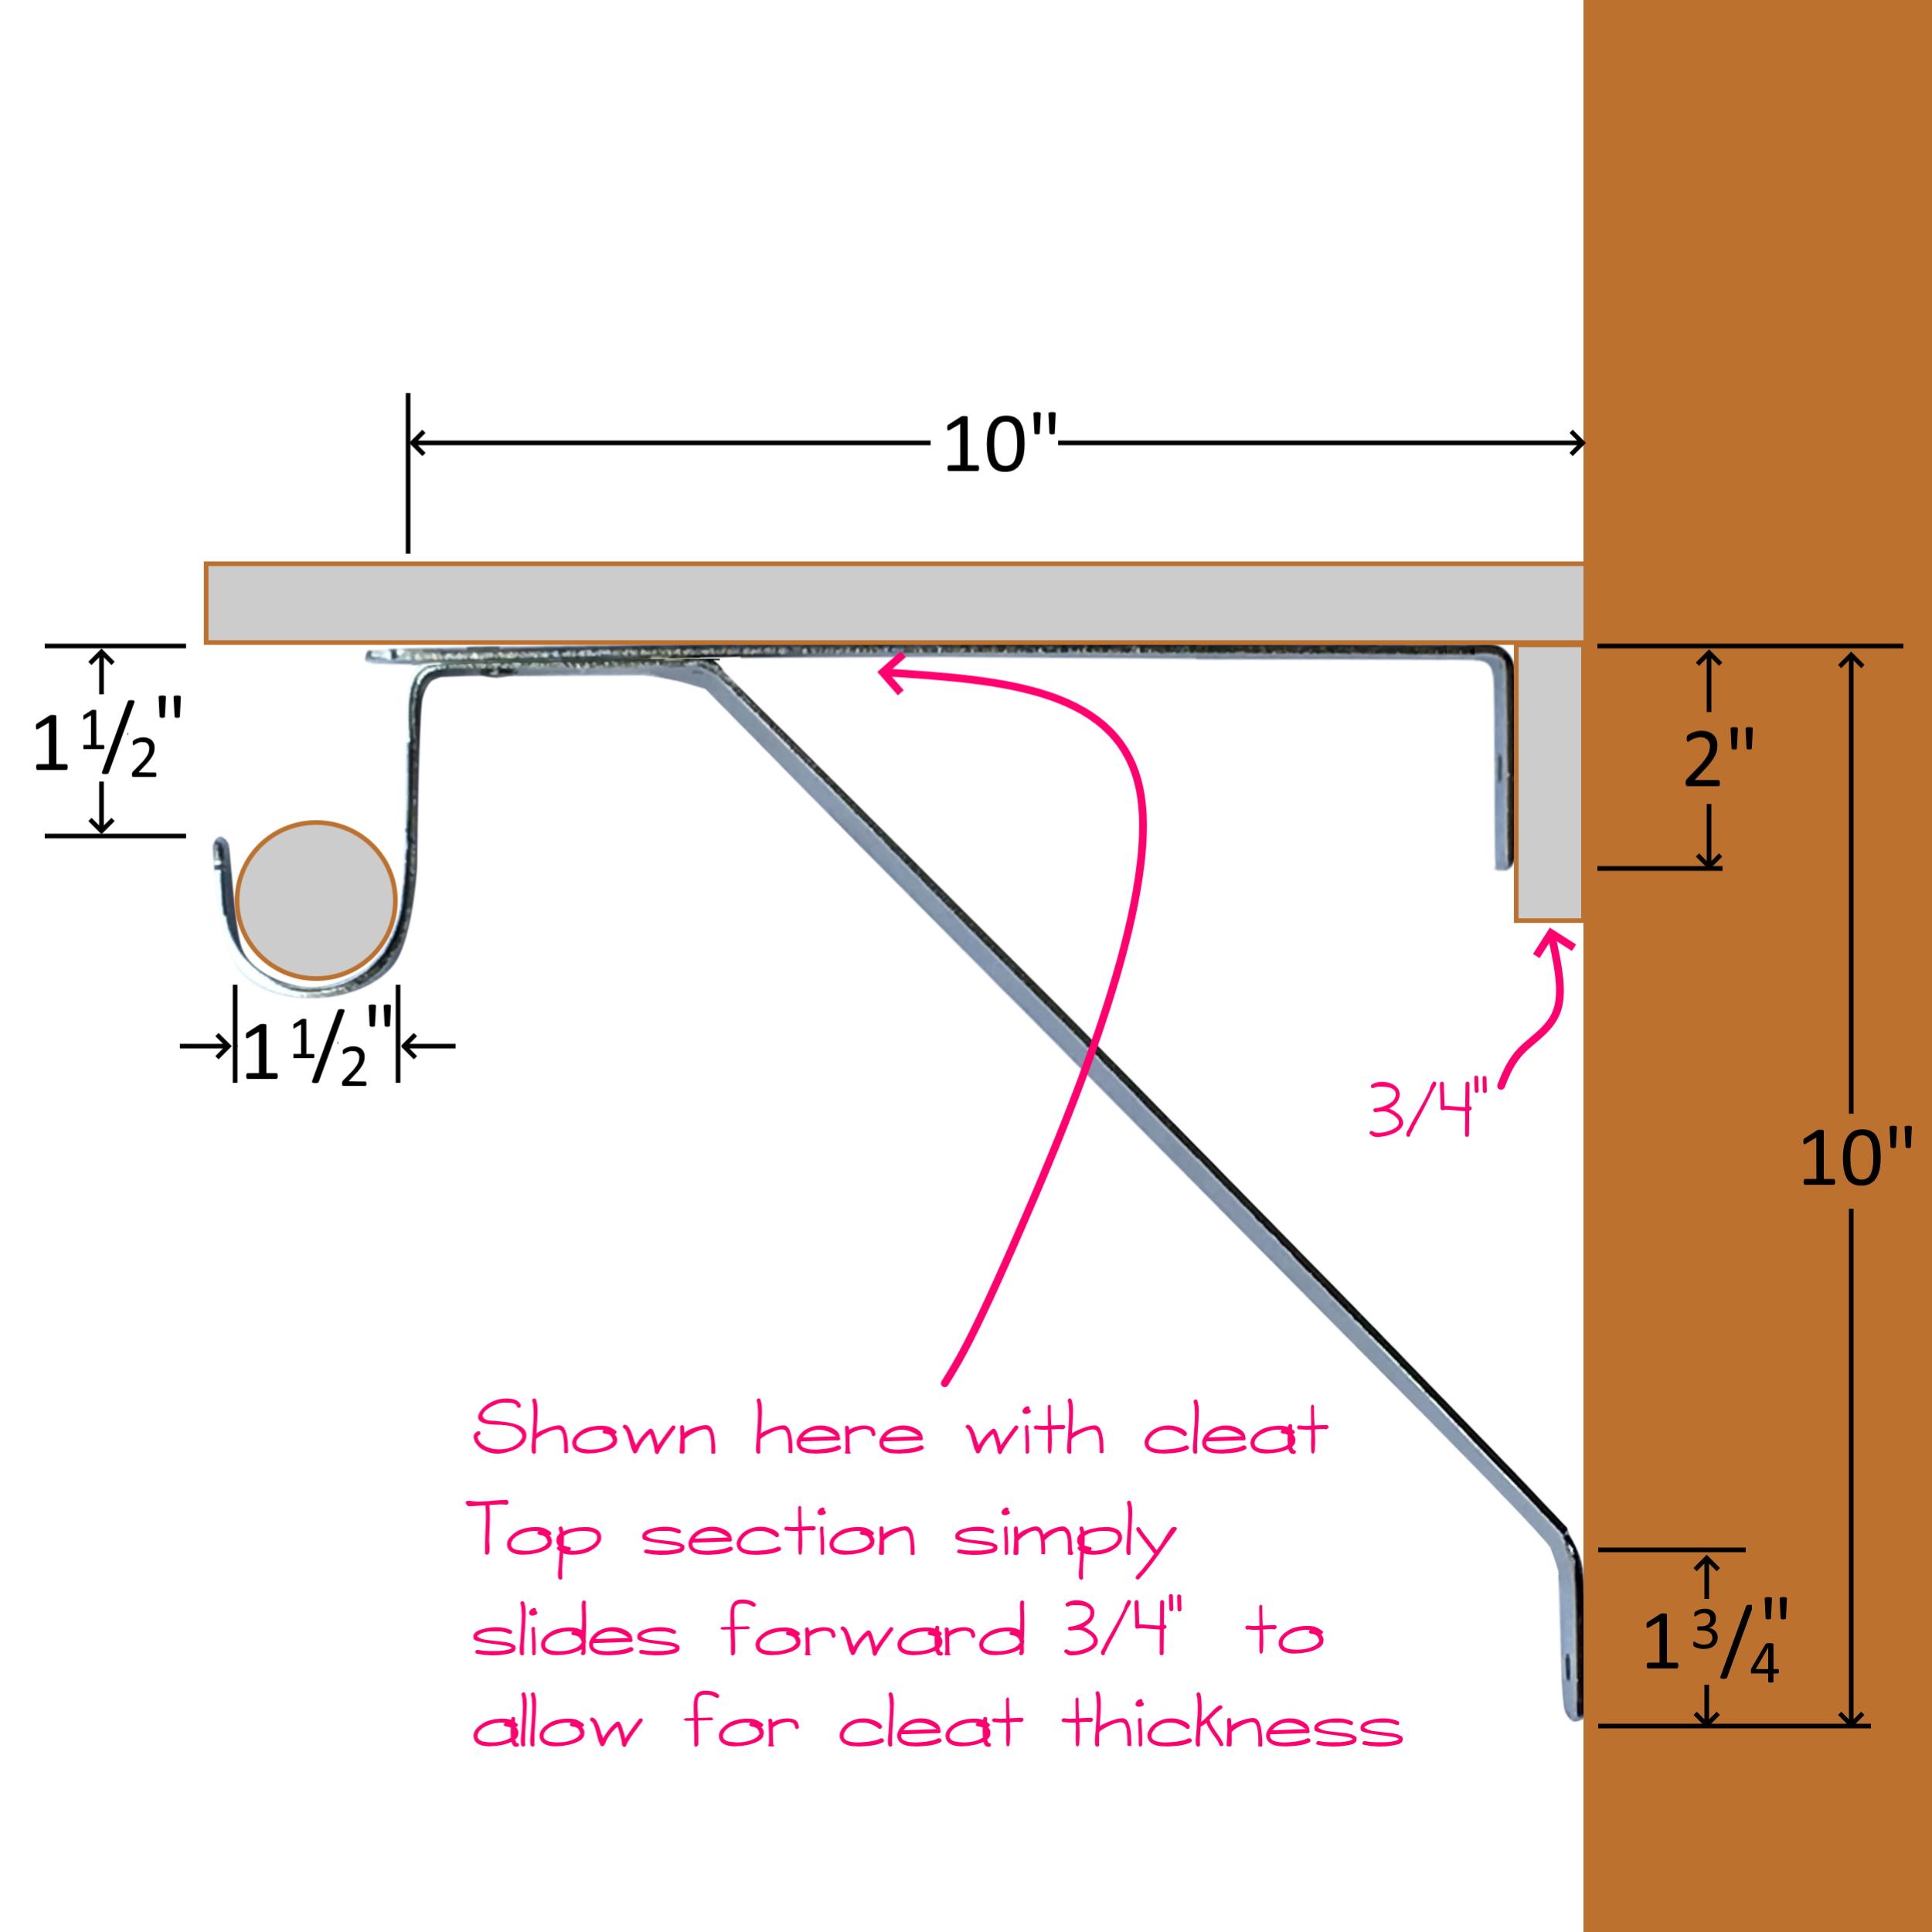 Adjustable Closet Shelf Bracket for Round Rod - White